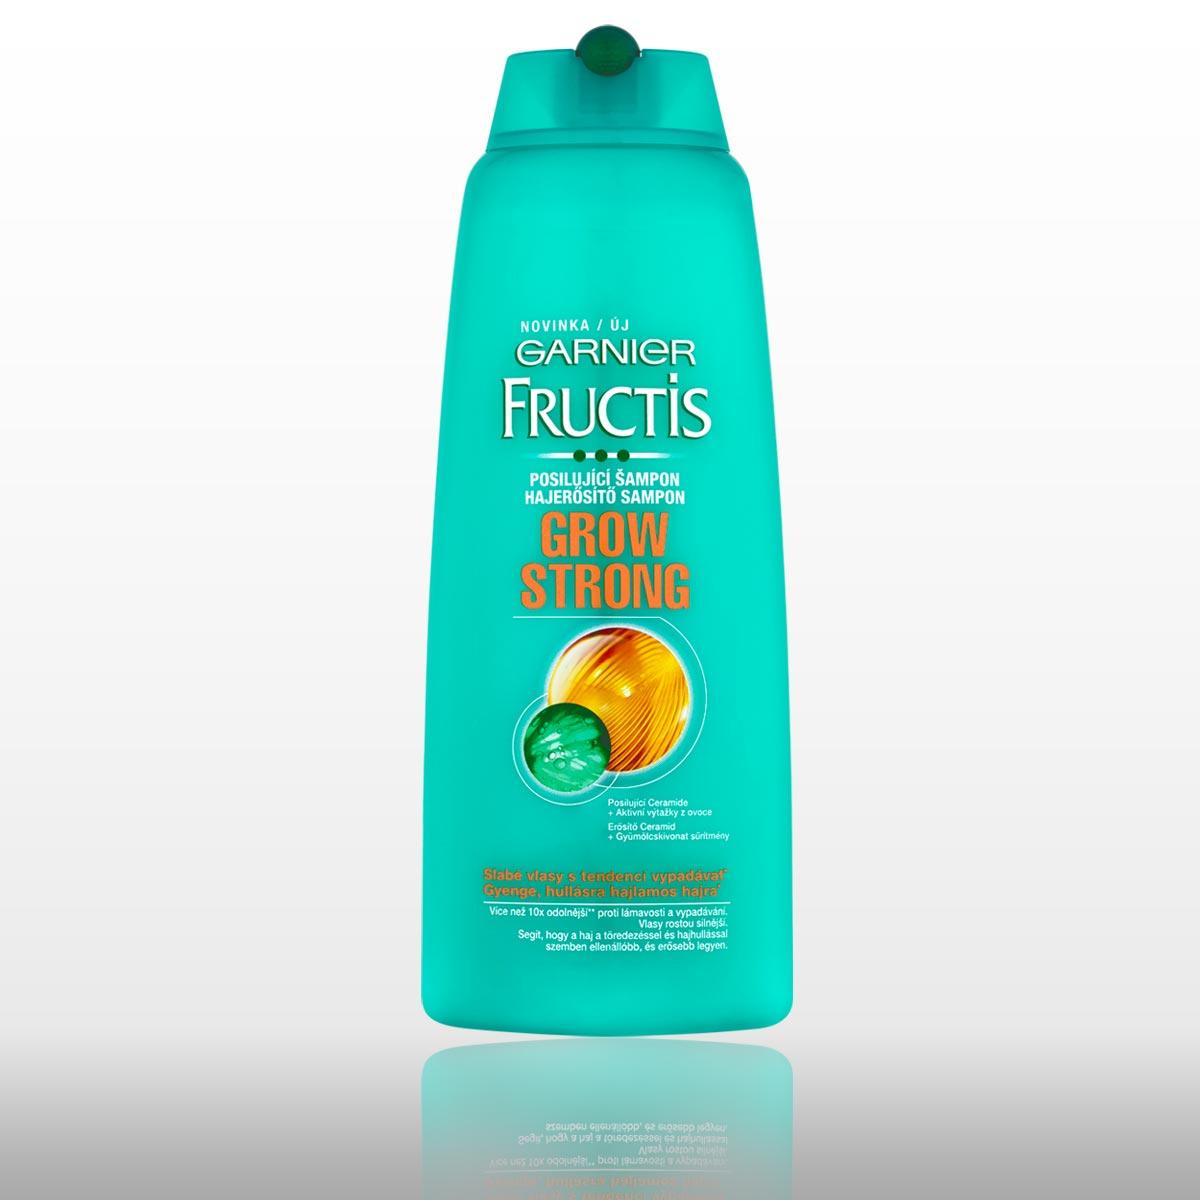 Šampón Garnier Fructis Grow Strong pre slabé vlasy.